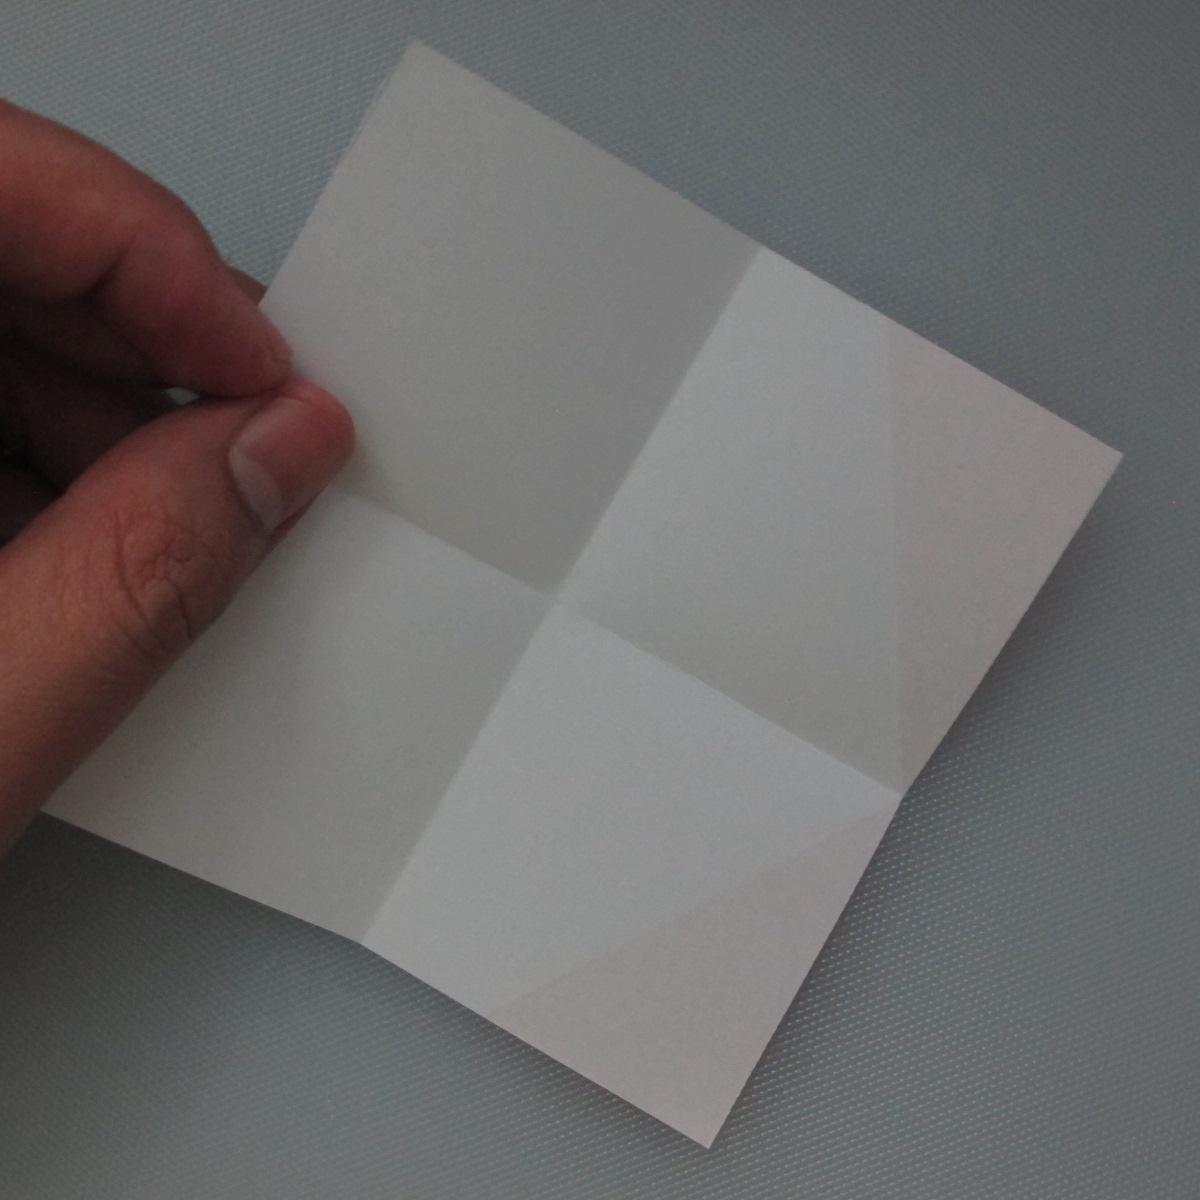 วิธีการพับกระดาษเป็นรูปกระต่าย 002